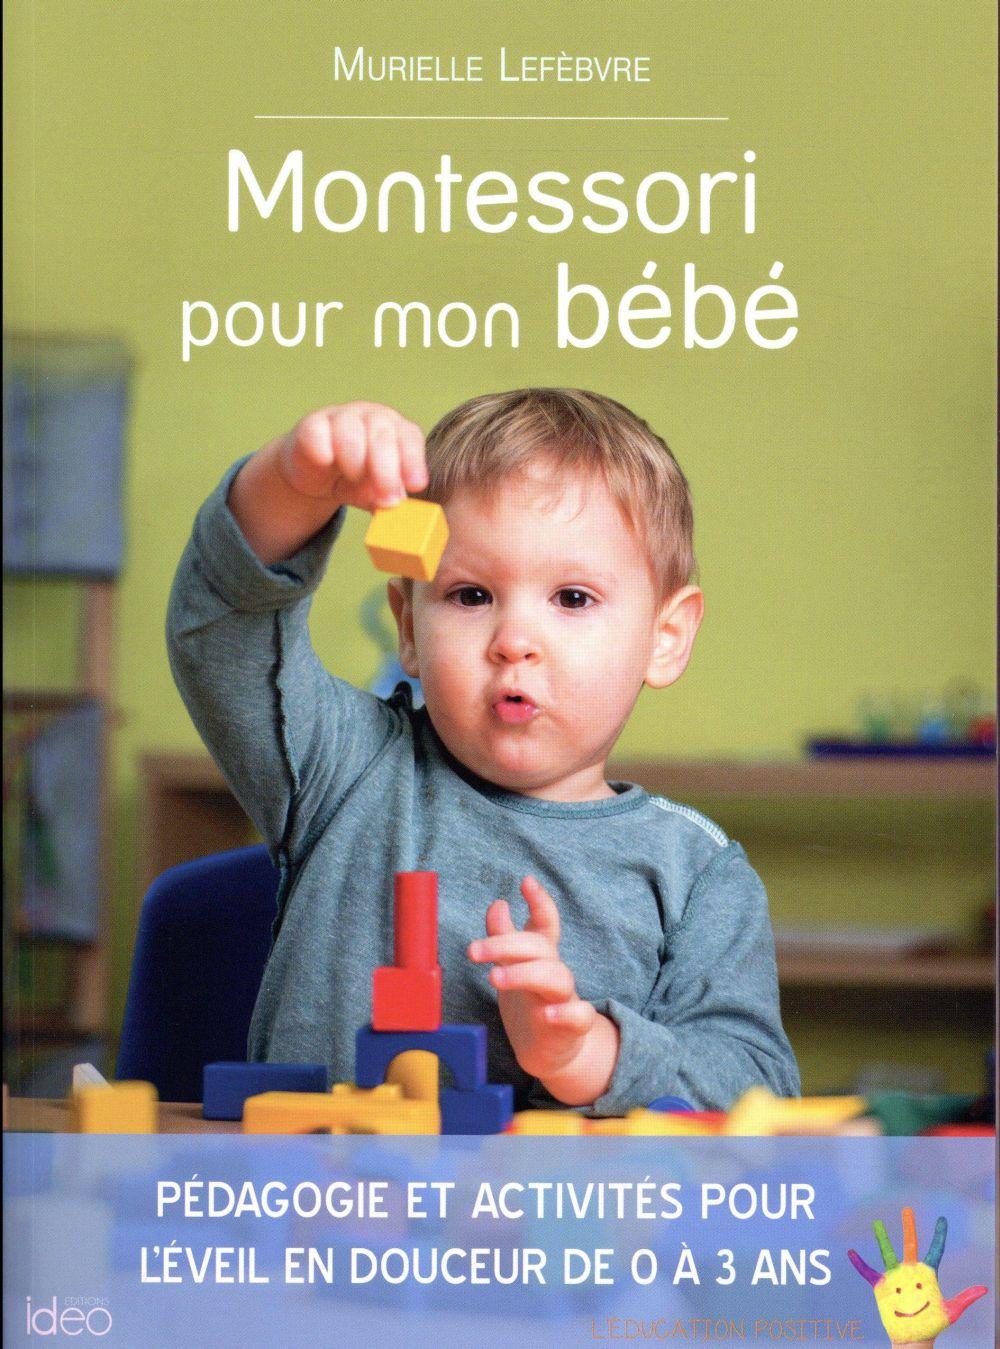 Montessori pour mon bébé